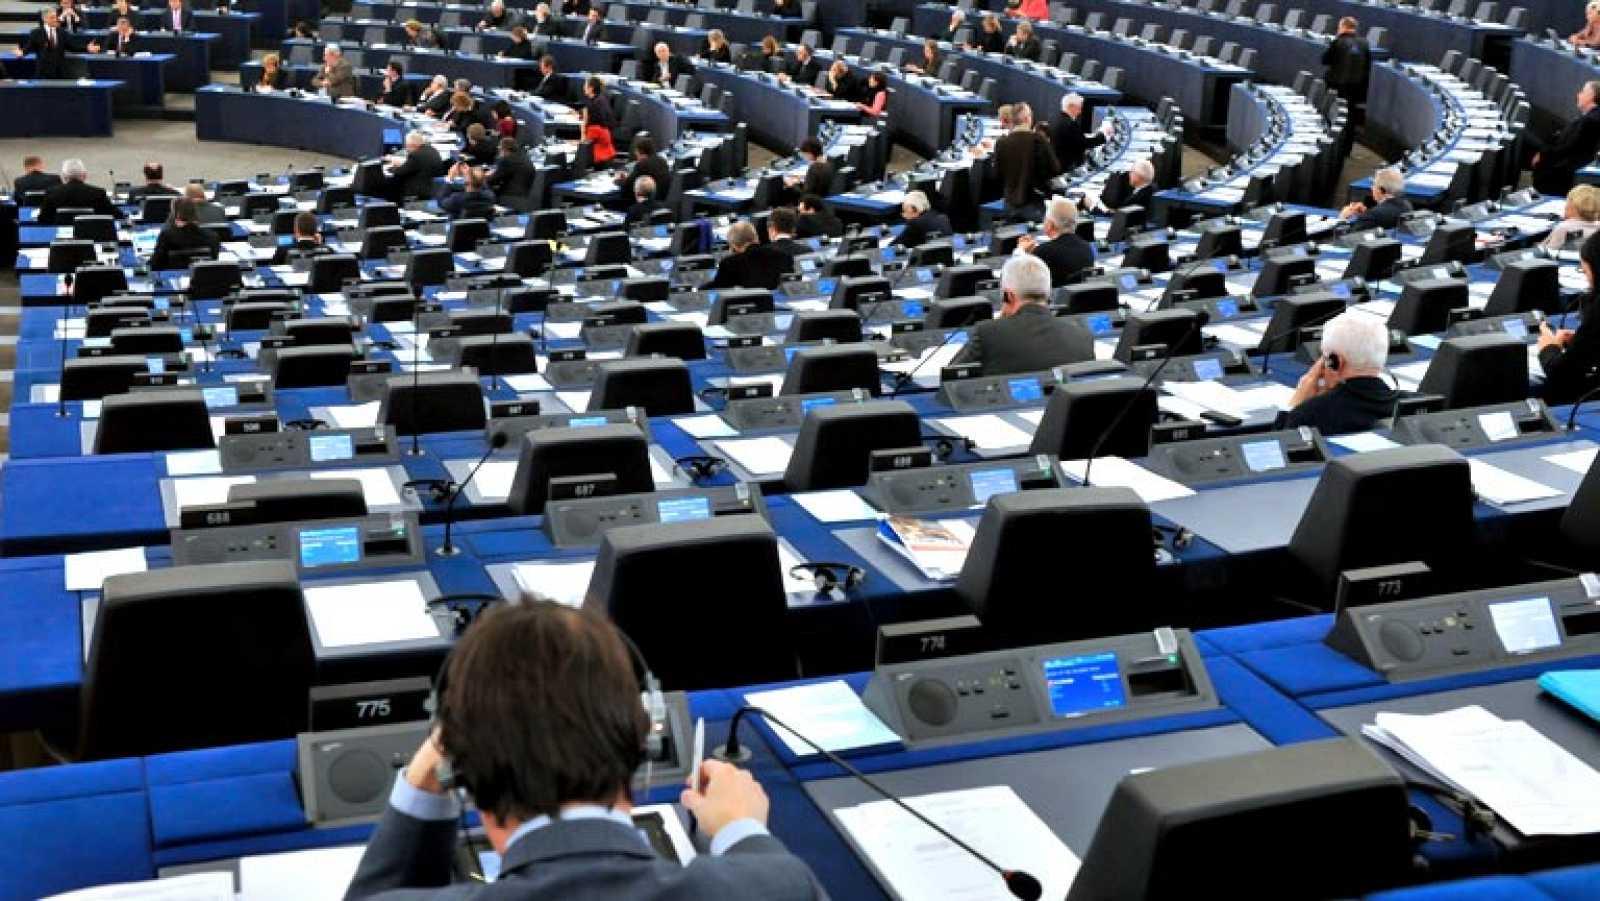 El Parlamento Europeo aprueba nuevos límites a la actividad de las agencias de calificación